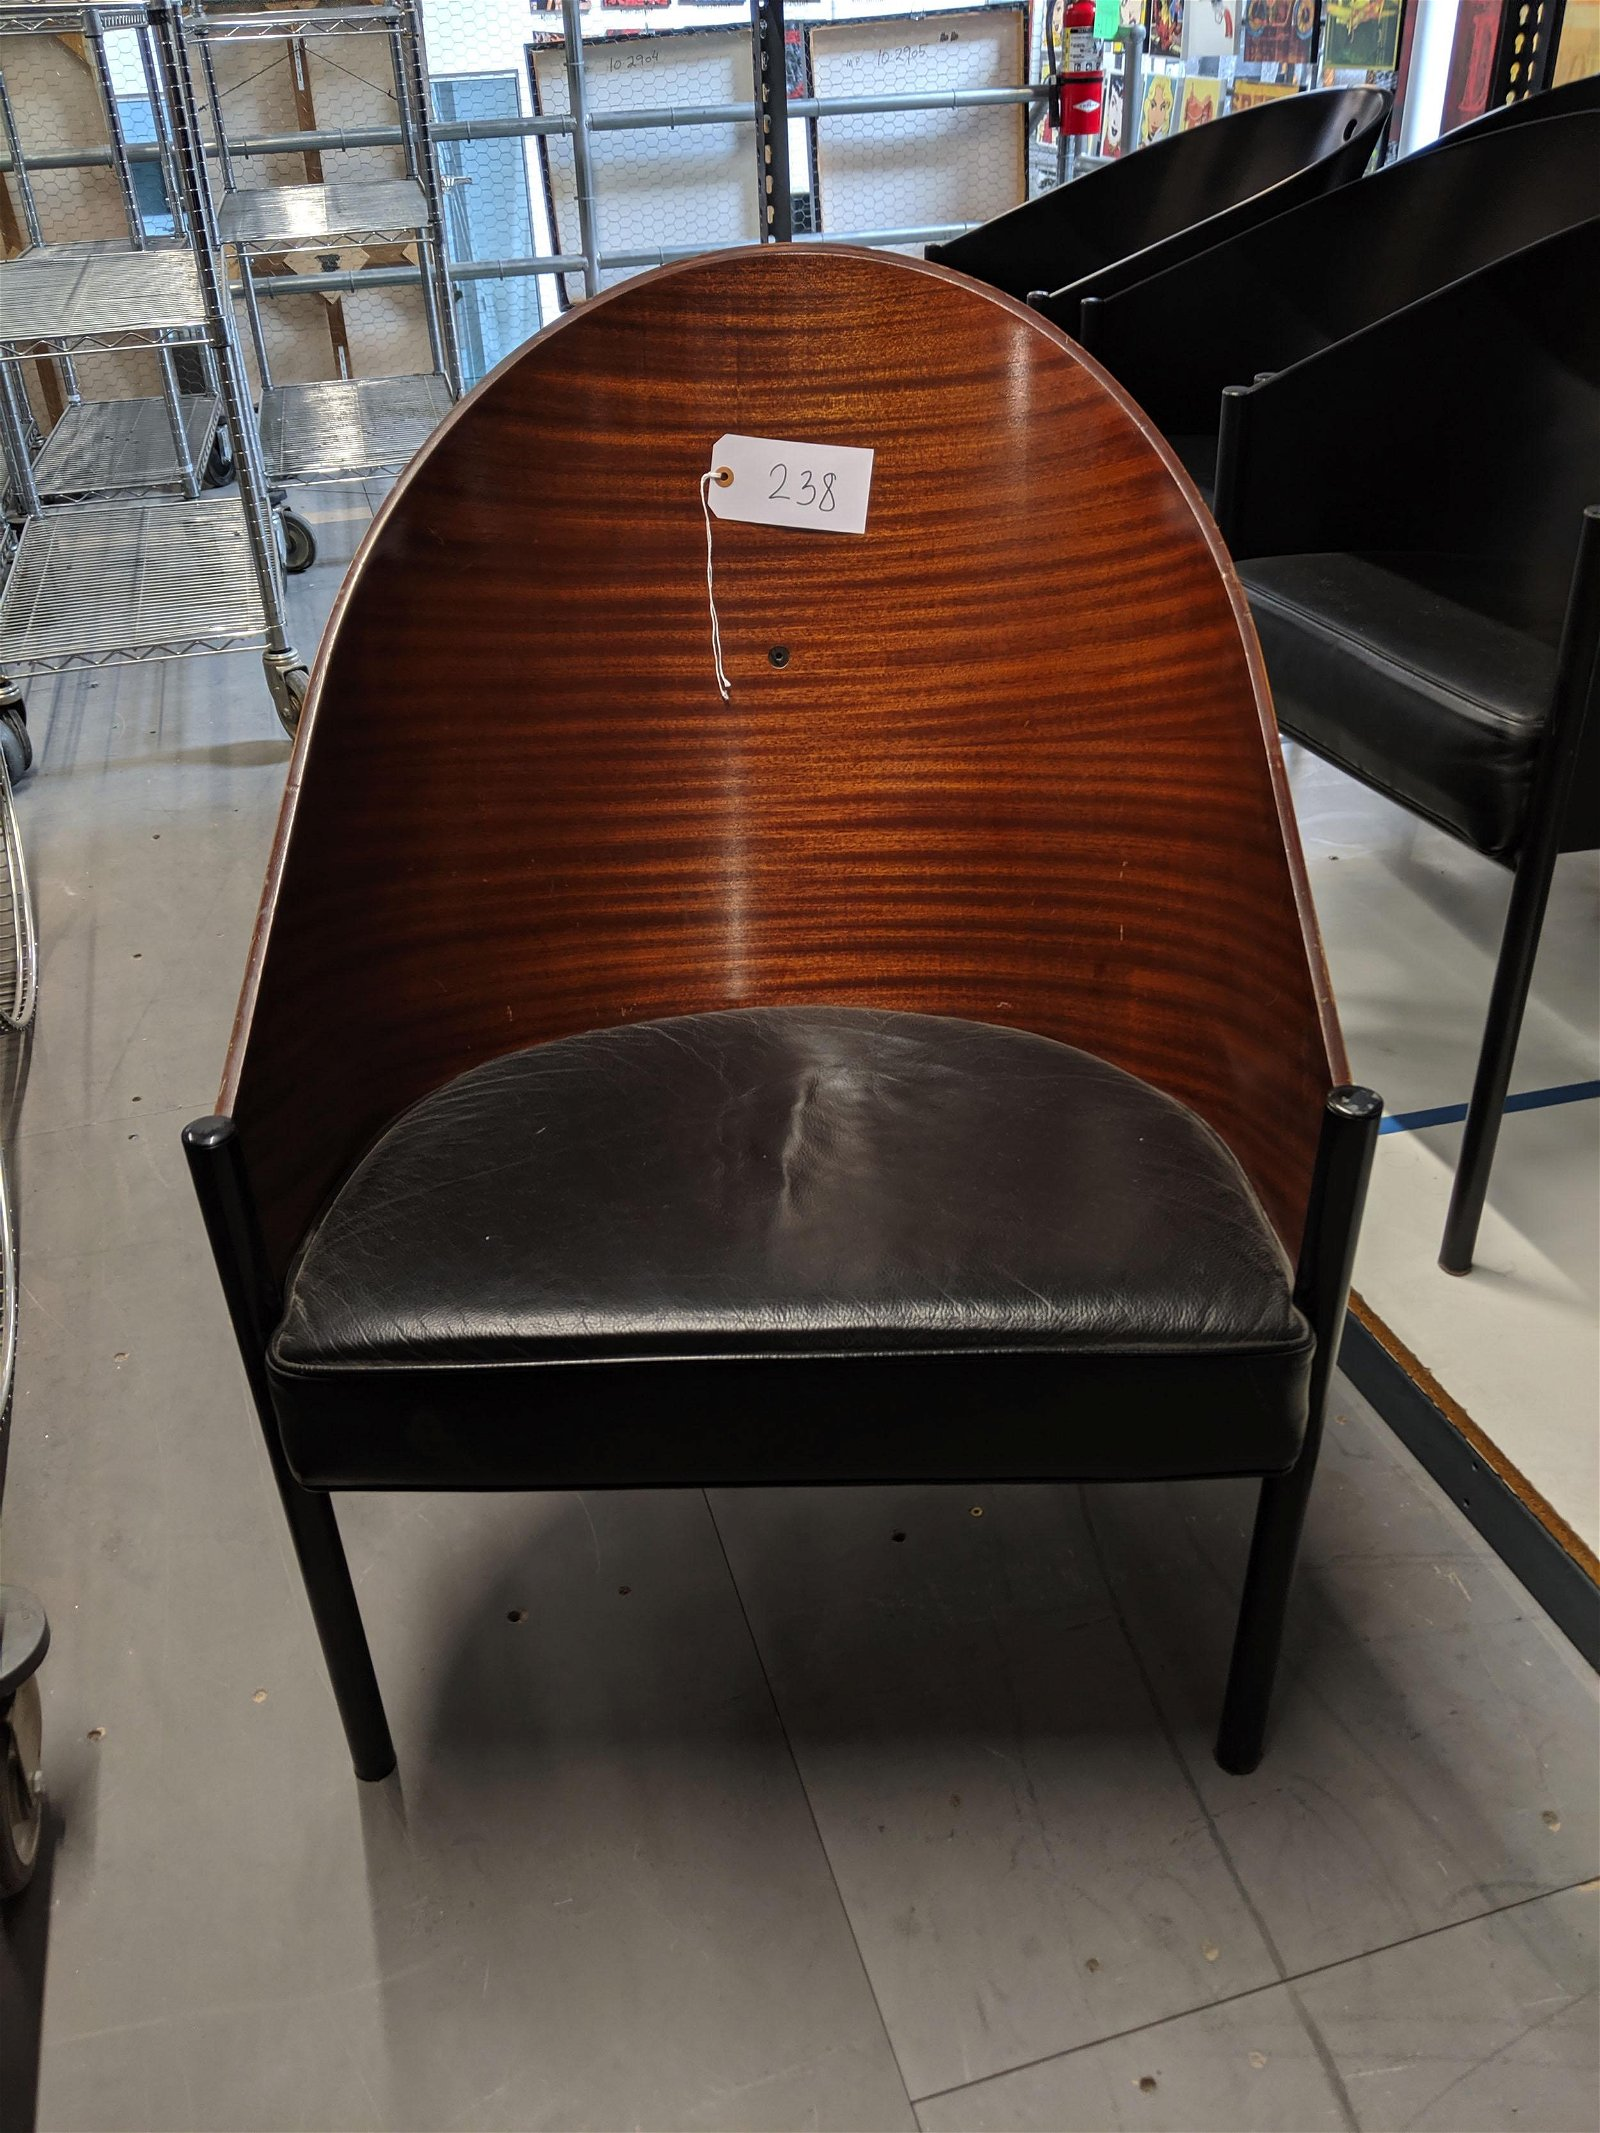 Pratfall Lounge Chairs (2)